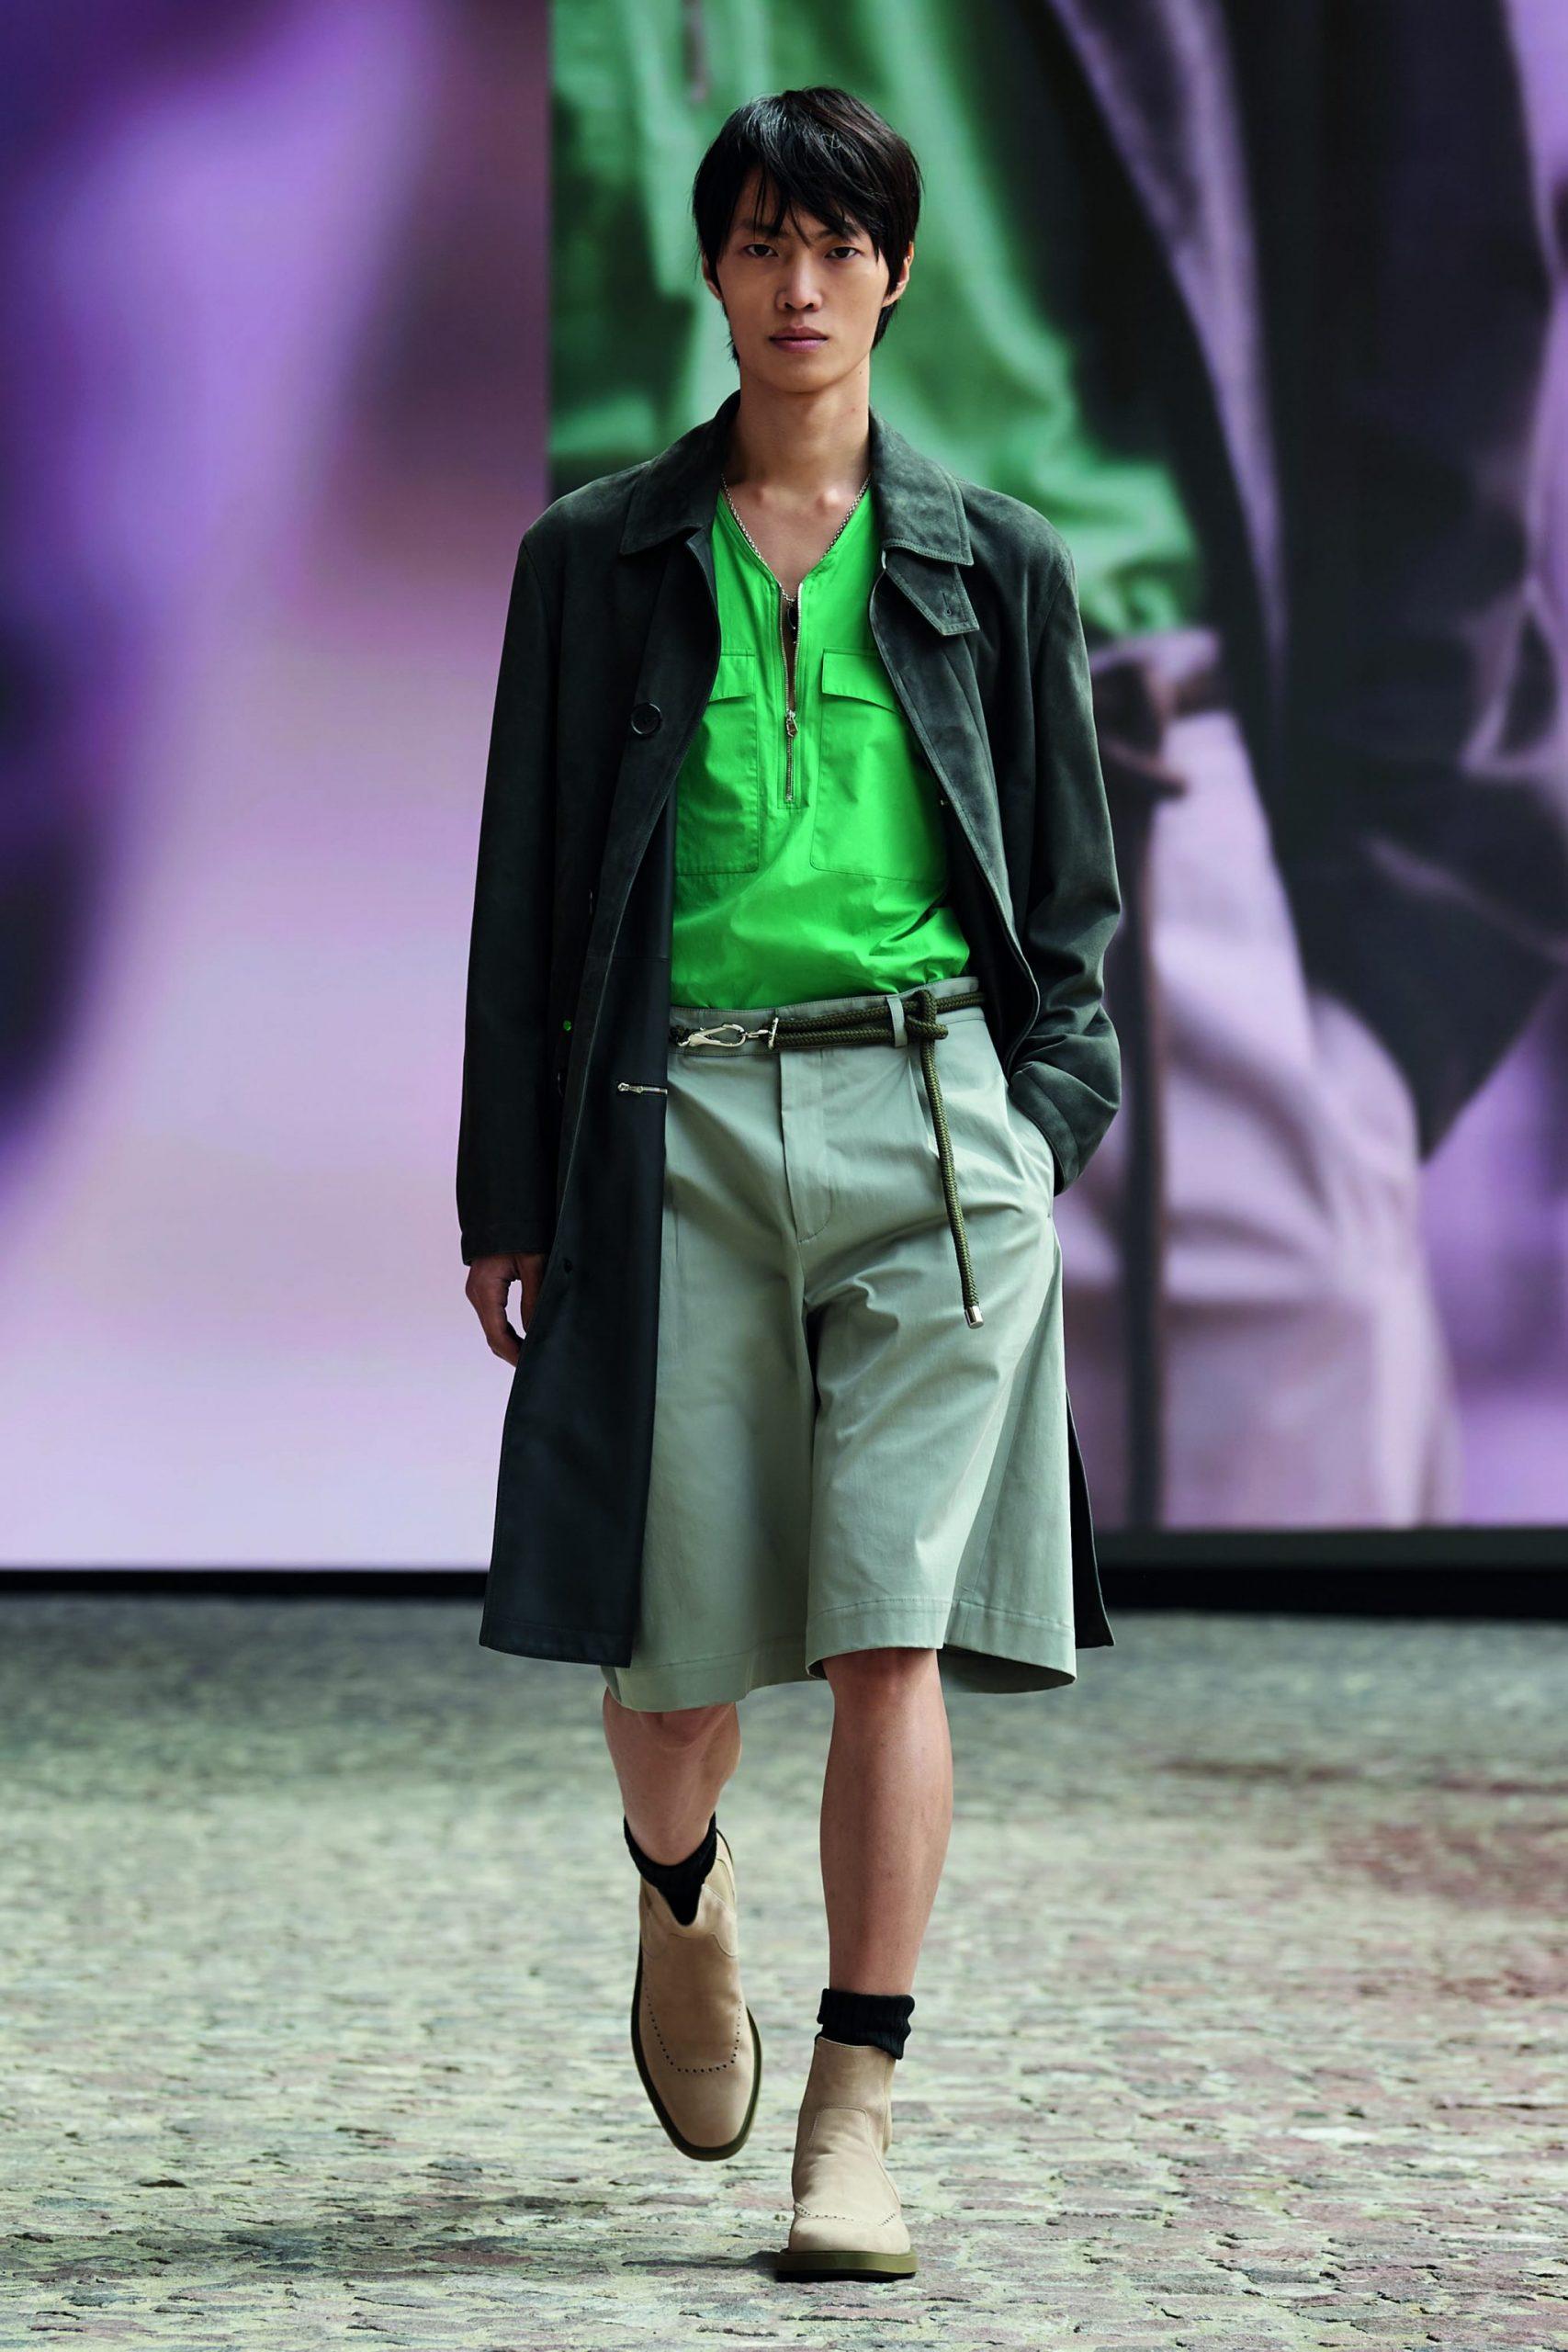 Bộ sưu tập Hermès Xuân - Hè 2022 mang cảm giác nhẹ nhàng, thư thái và tự do